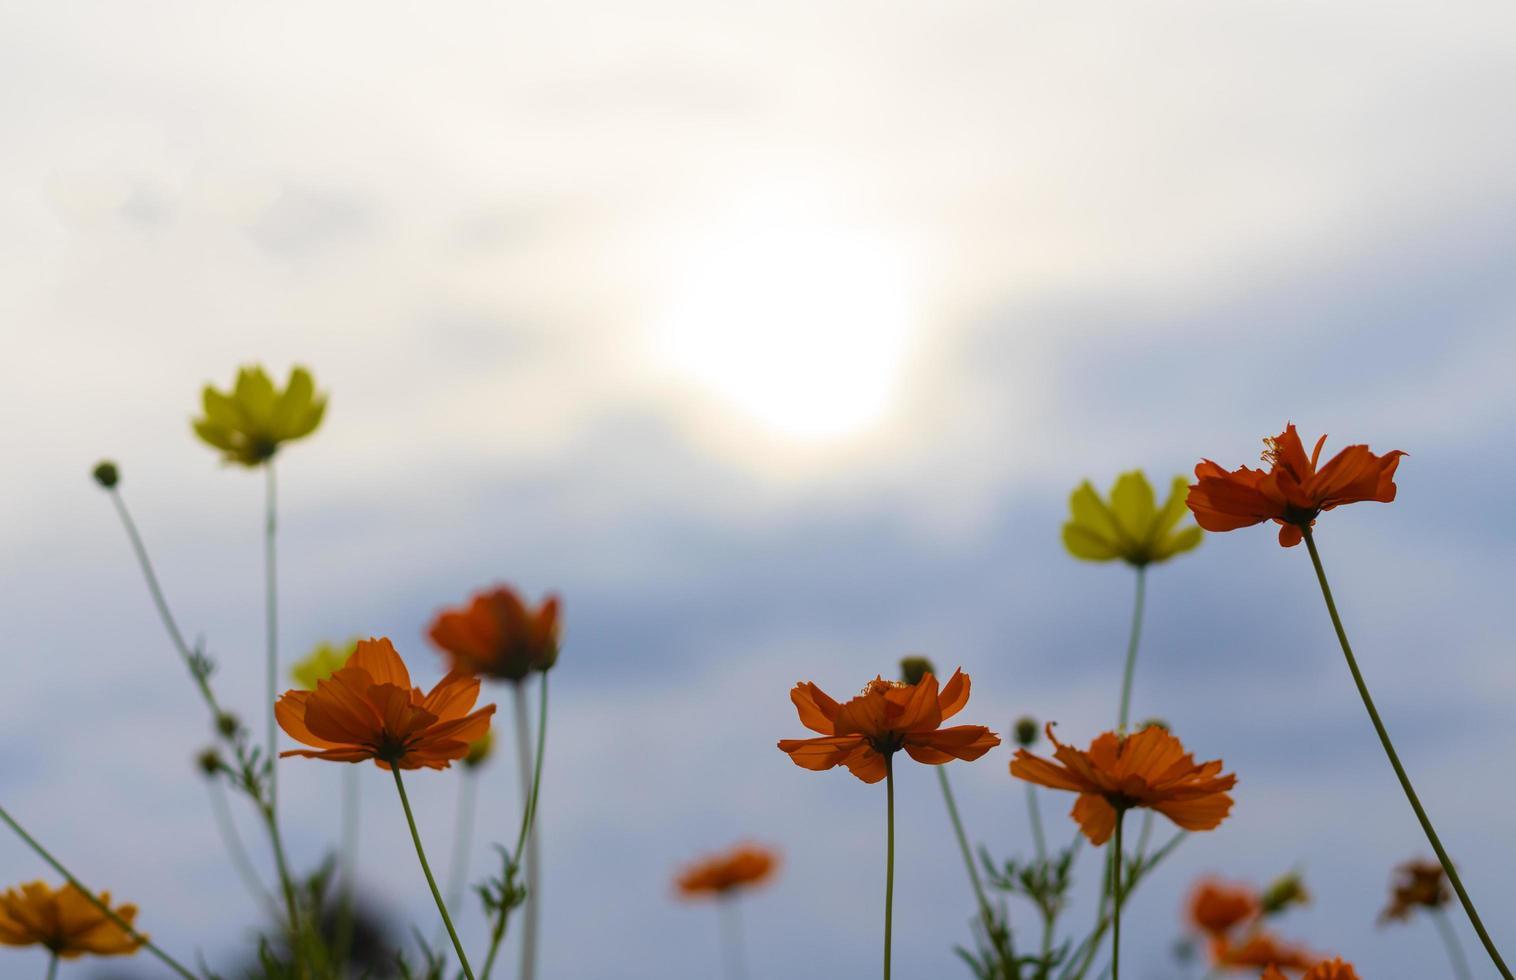 prachtige bloemen vanuit het oog van de mier. foto